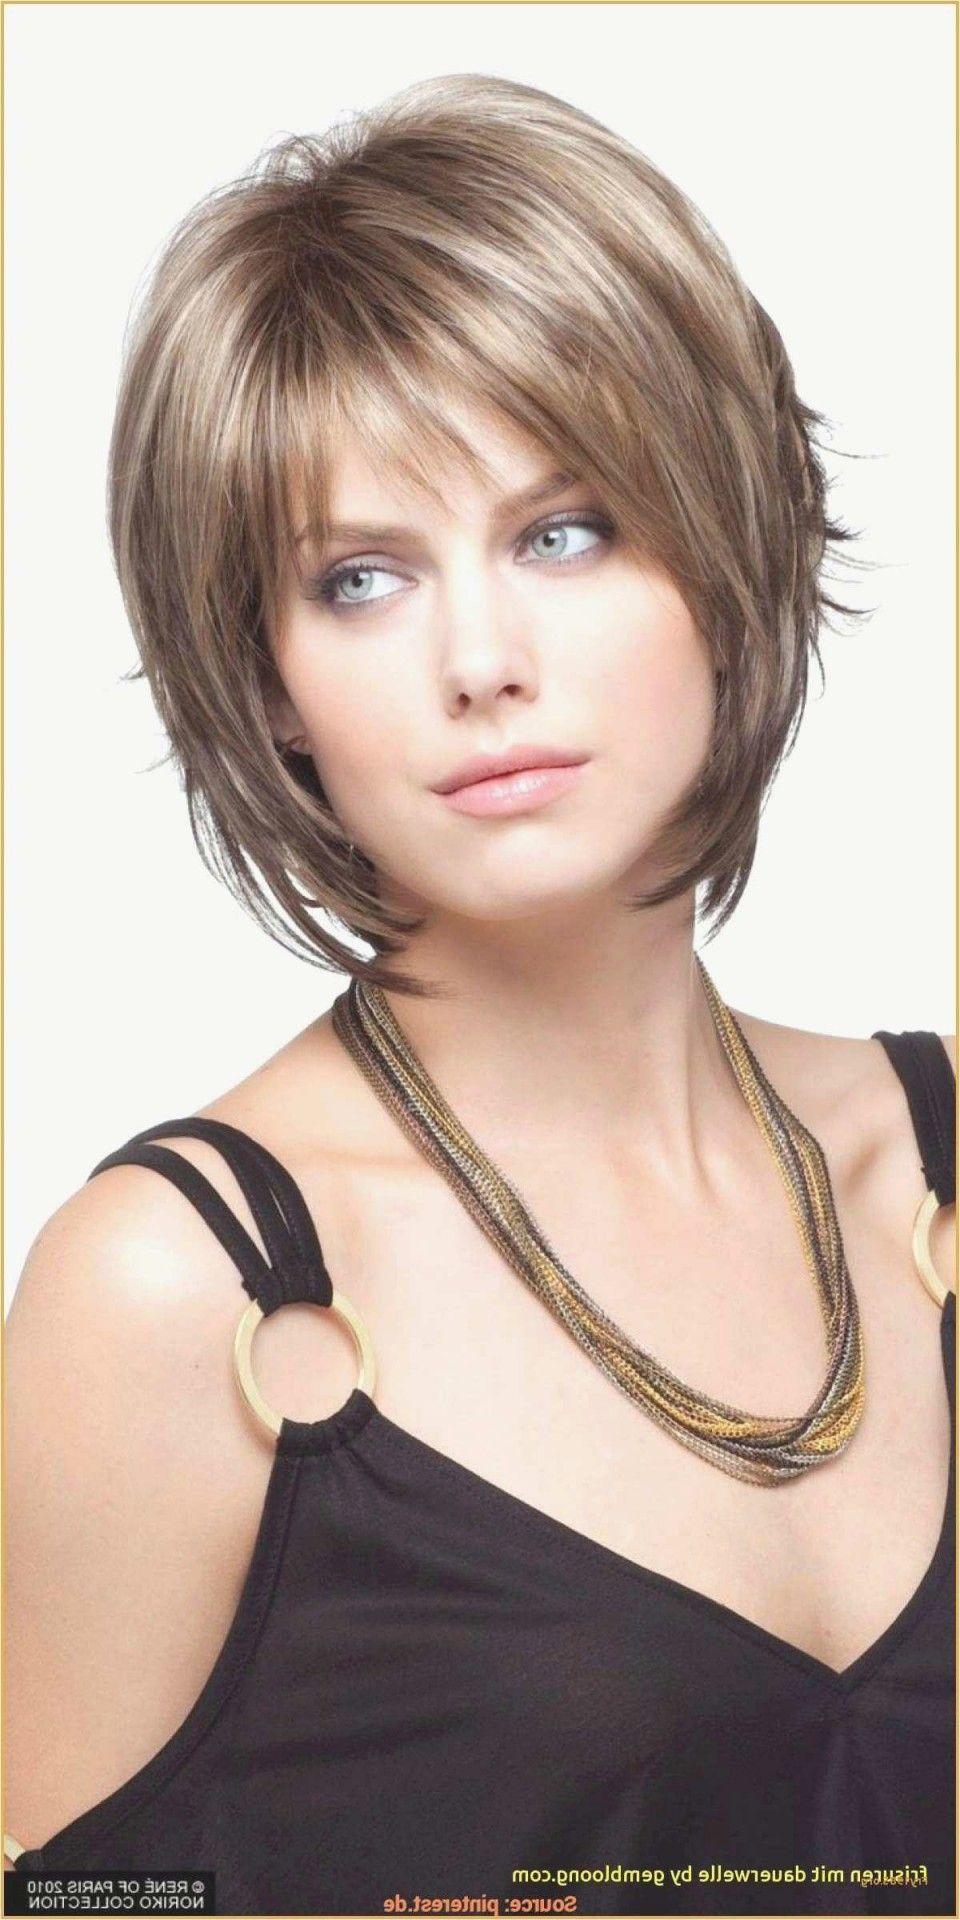 Beautiful Frisuren Fur Feines Haar Vorher Nachher Frisurenfur Frisuren Feine Beautif In 2020 Kurzhaarfrisuren Bob Frisur Haar Runde Gesichter